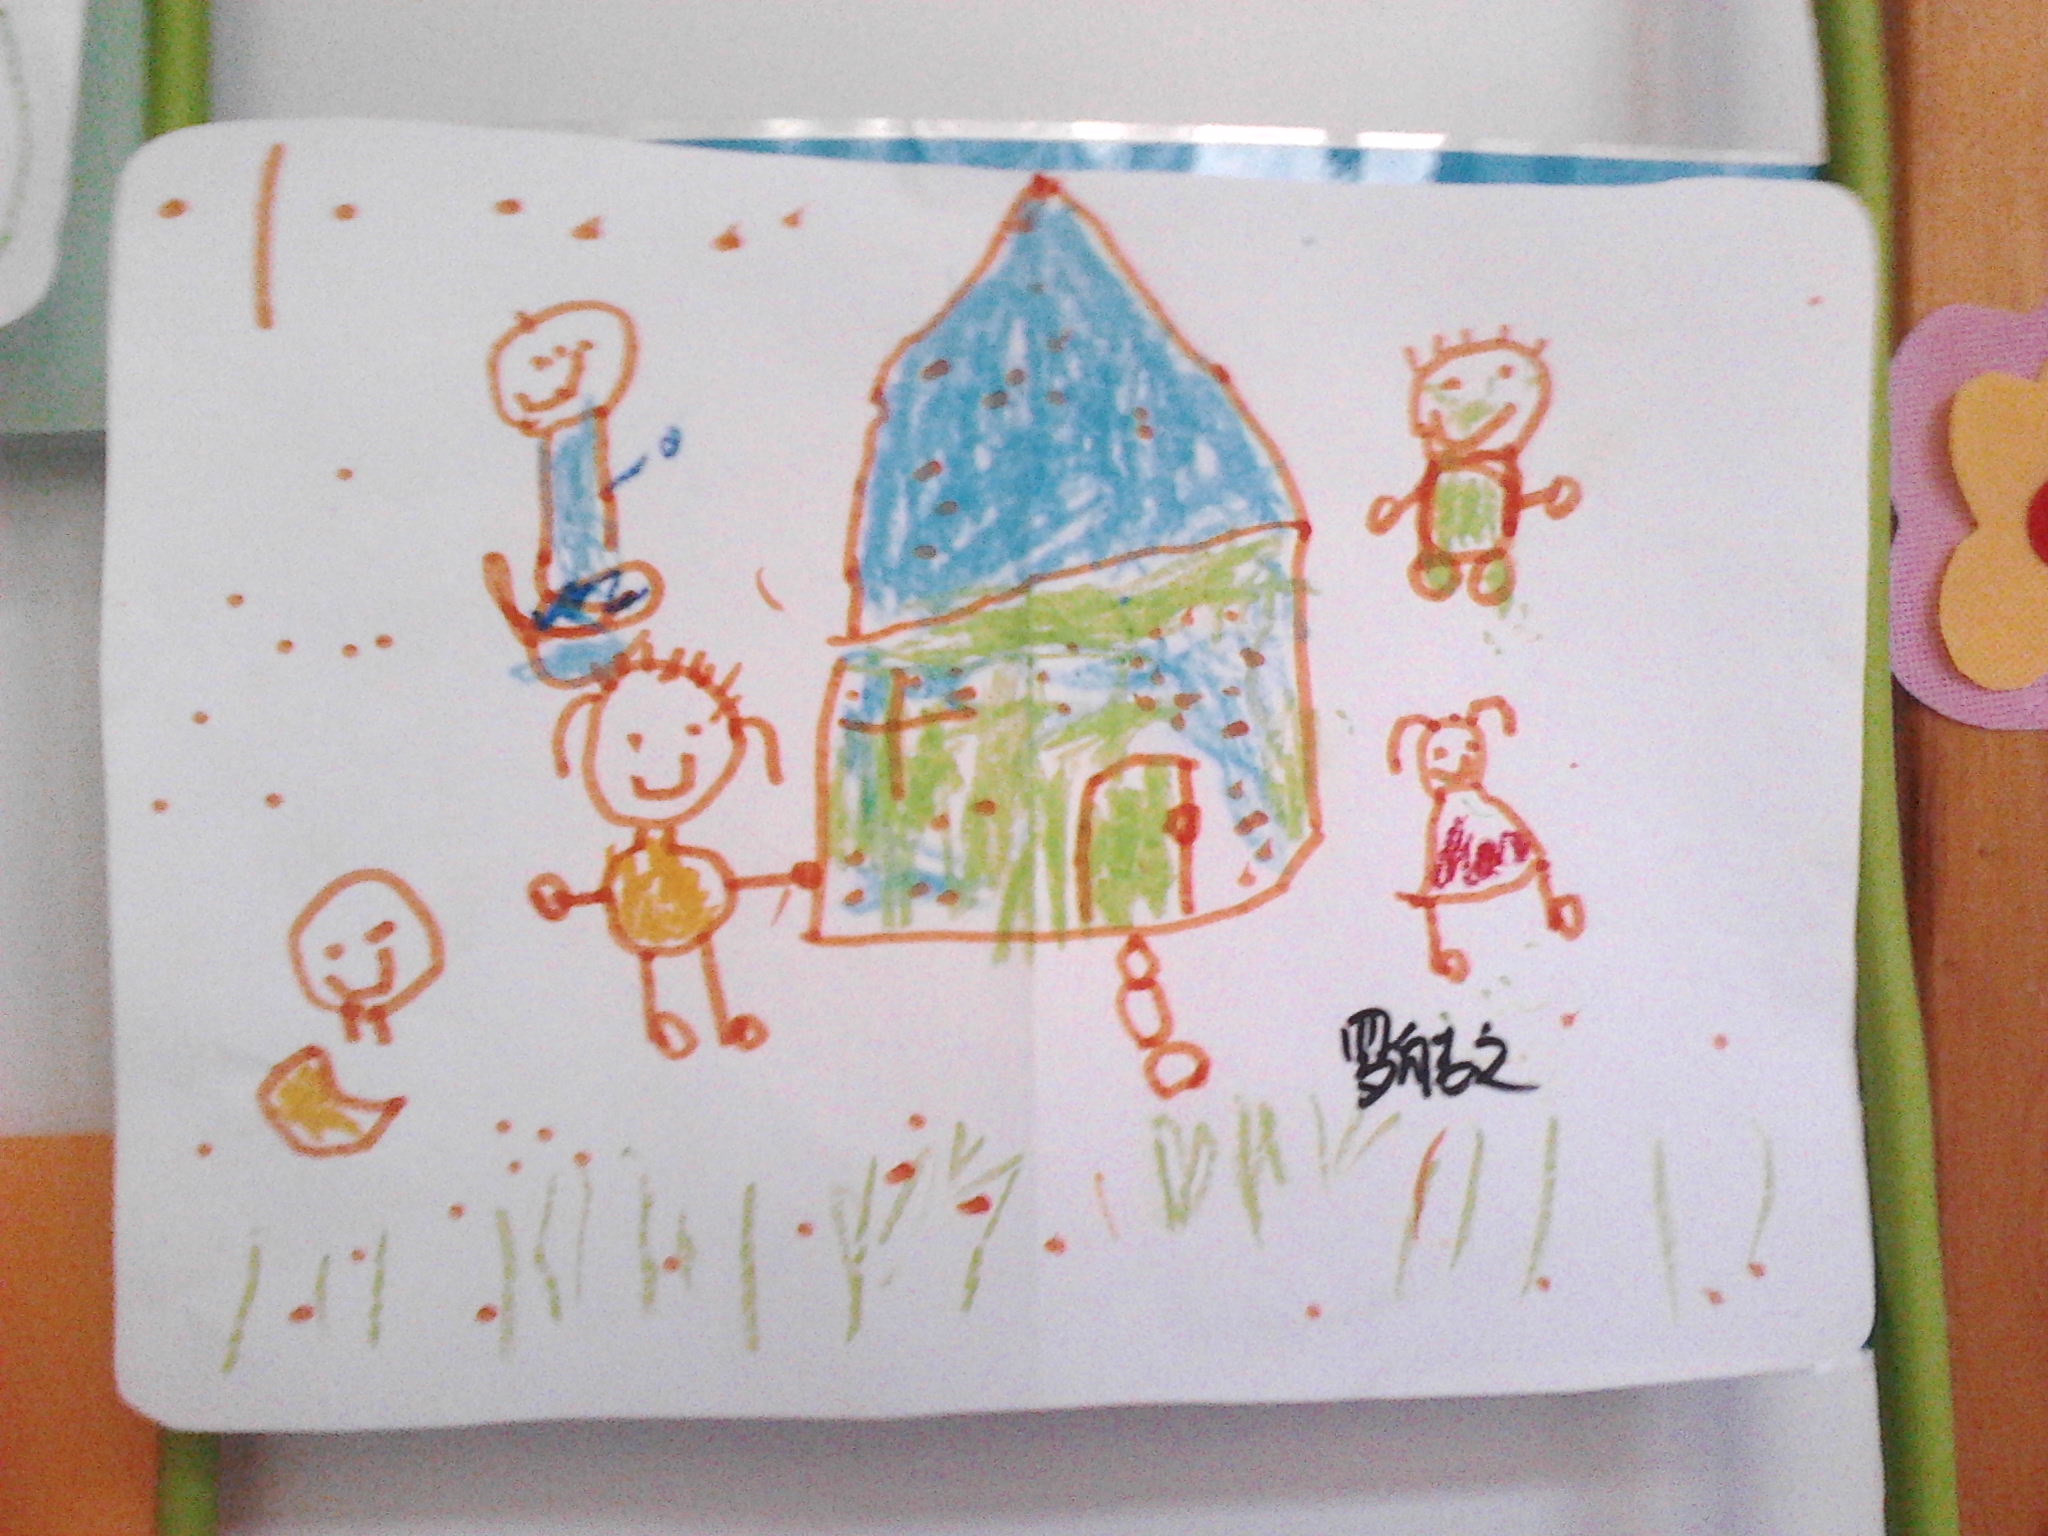 我的幼儿园 _ 红黄蓝|早教|早教中心